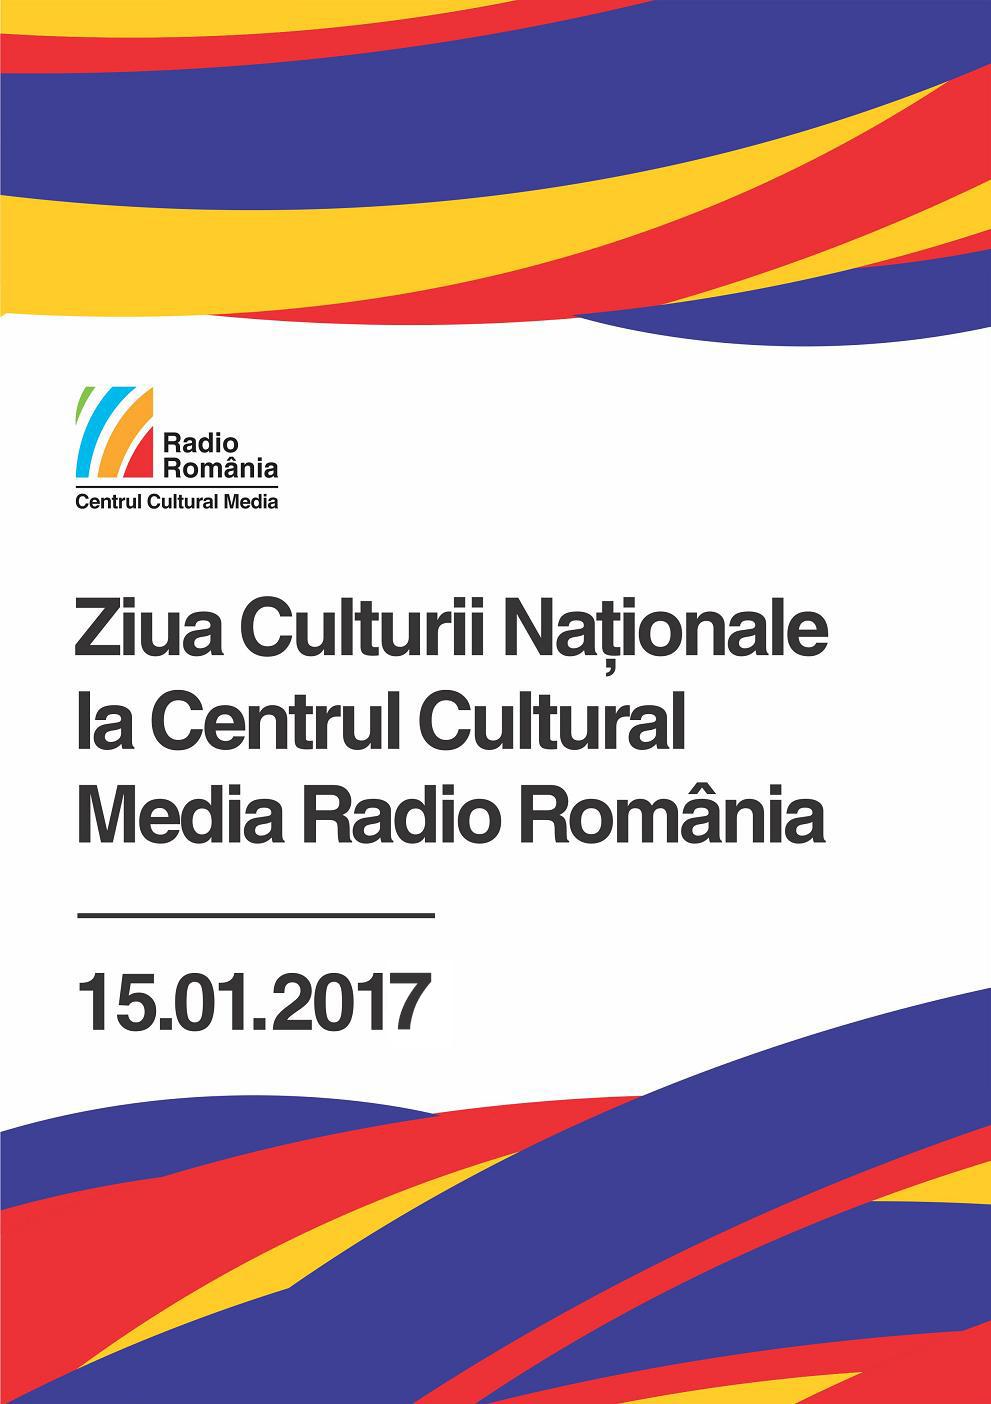 ziua-culturii-2017